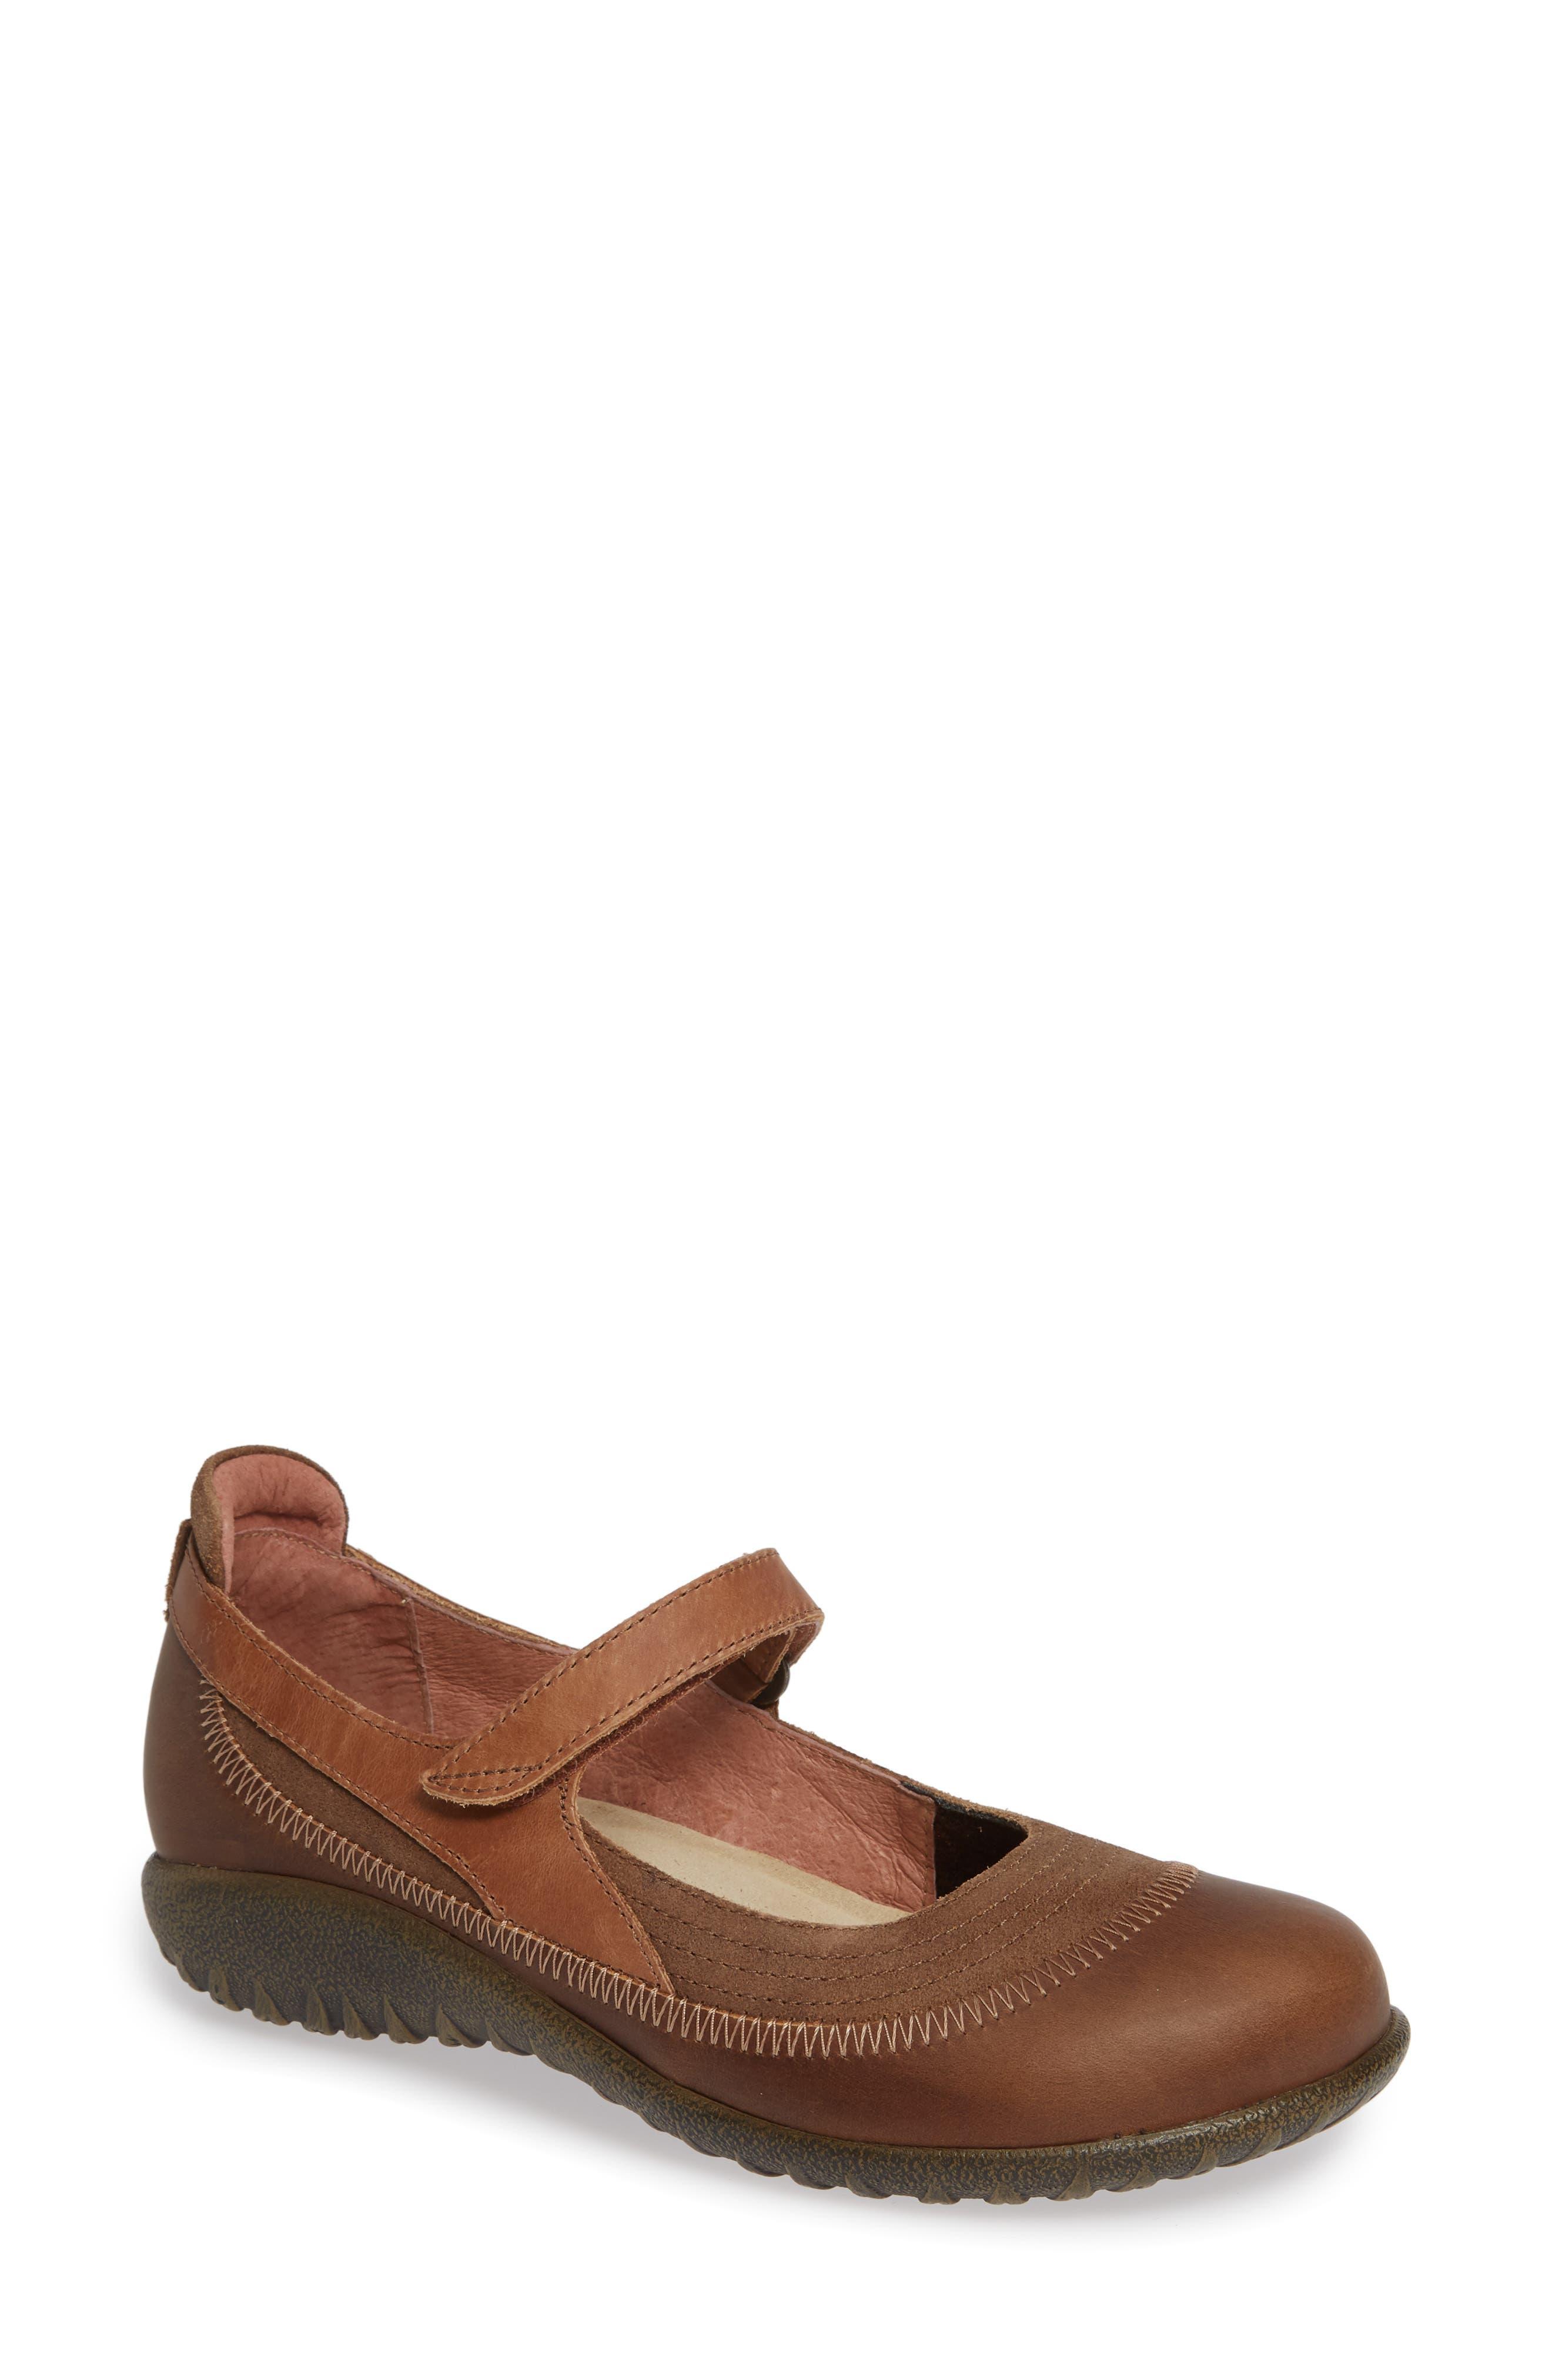 54b19350690e Naot Sandals   Shoes